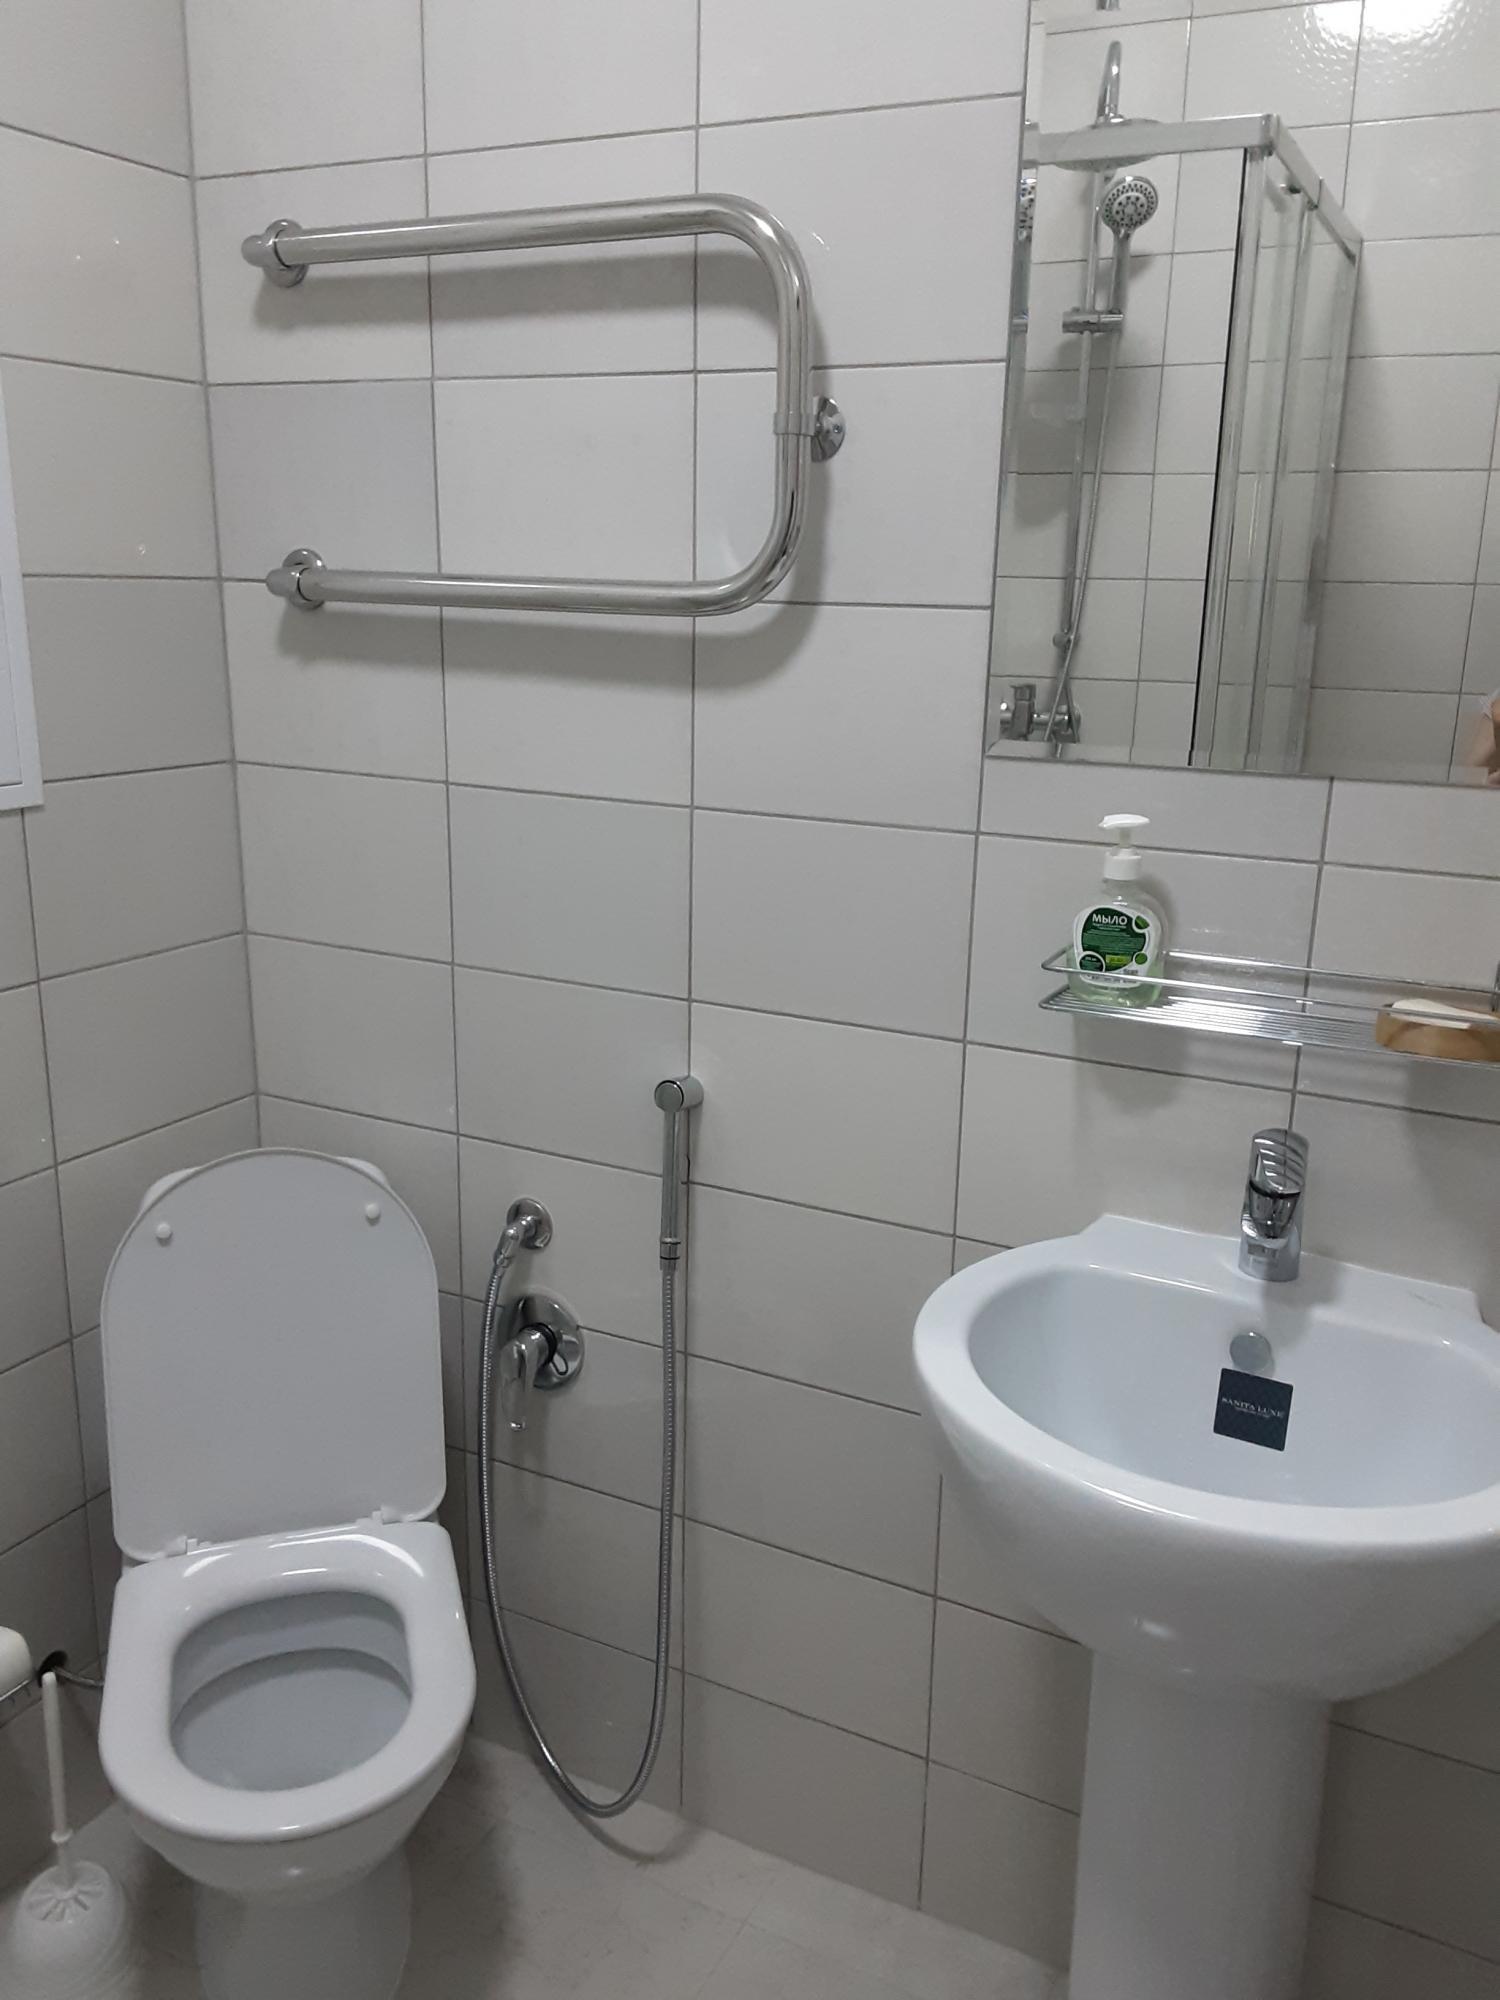 Квартира, студия, 26 м² в Люберцах 89773577037 купить 8